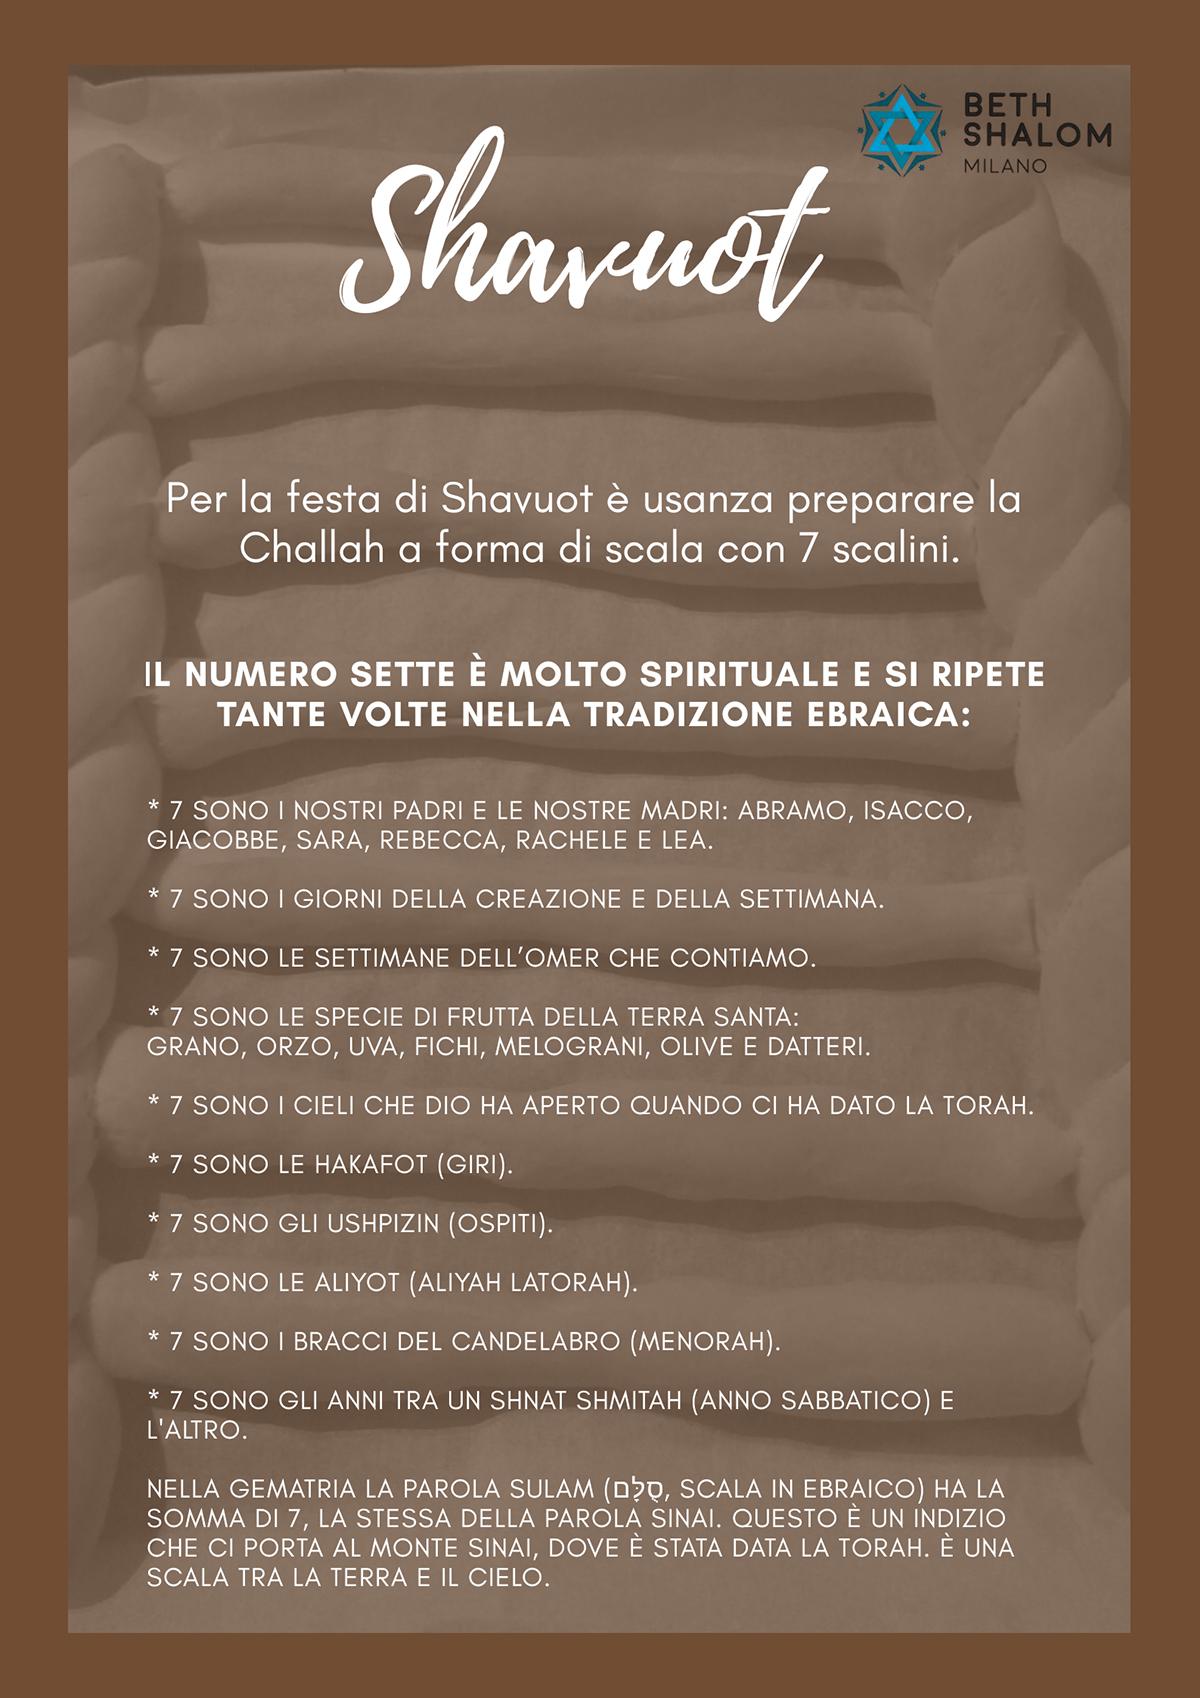 Shavuot.jpg